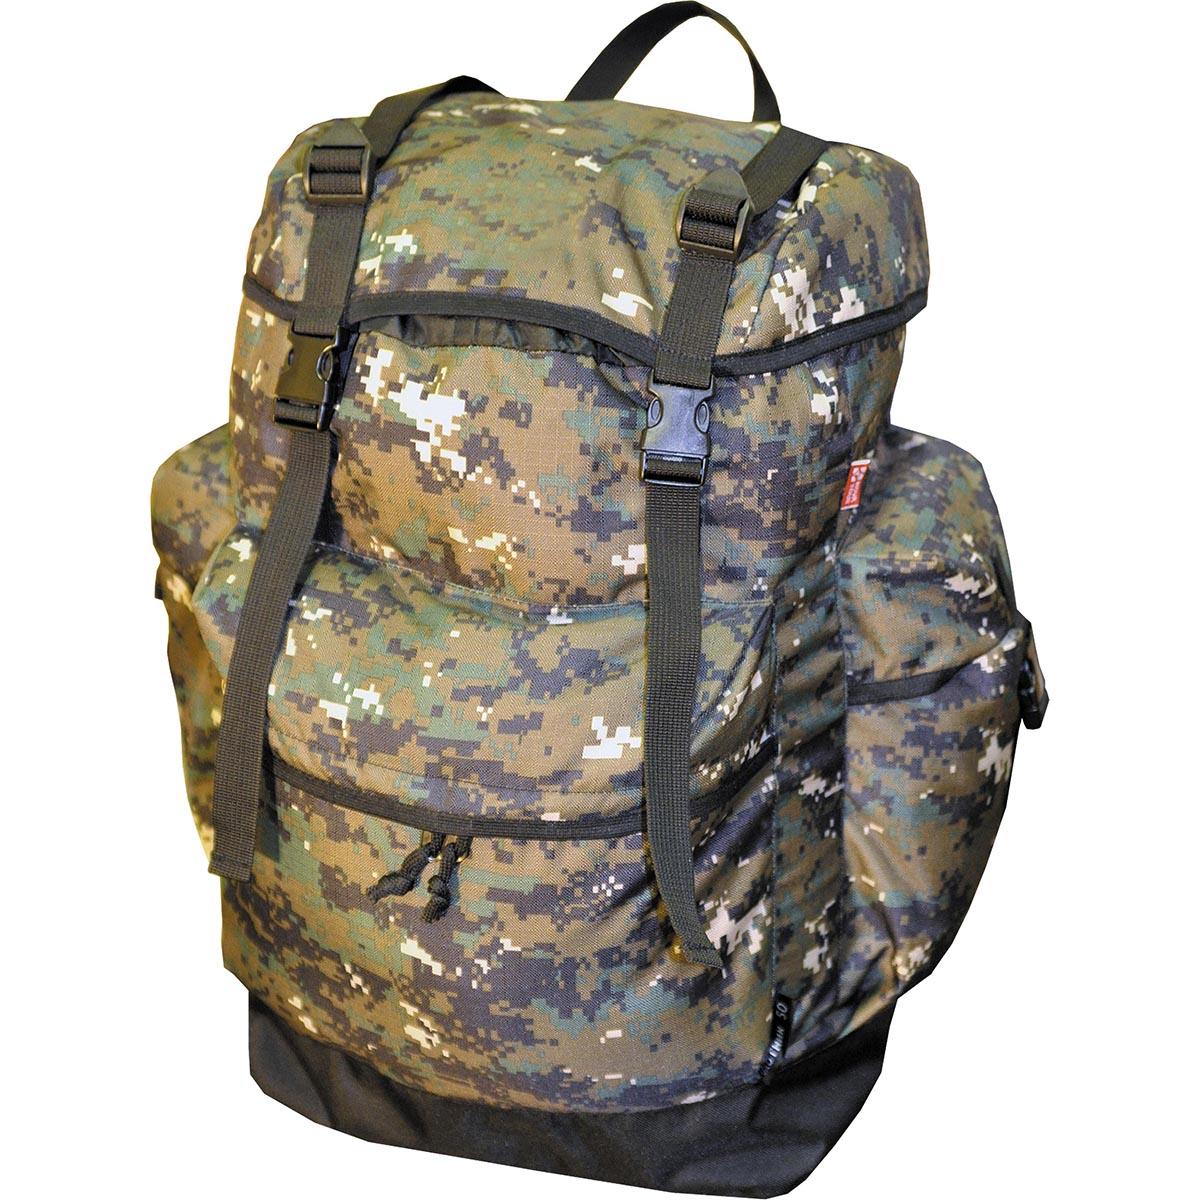 Рюкзак для охоты Hunterman Nova Tour Охотник 35 V3 км, цвет: диджитал зеленый, 35 л рюкзак nova tour hunterman охотник 70 v3 км forest